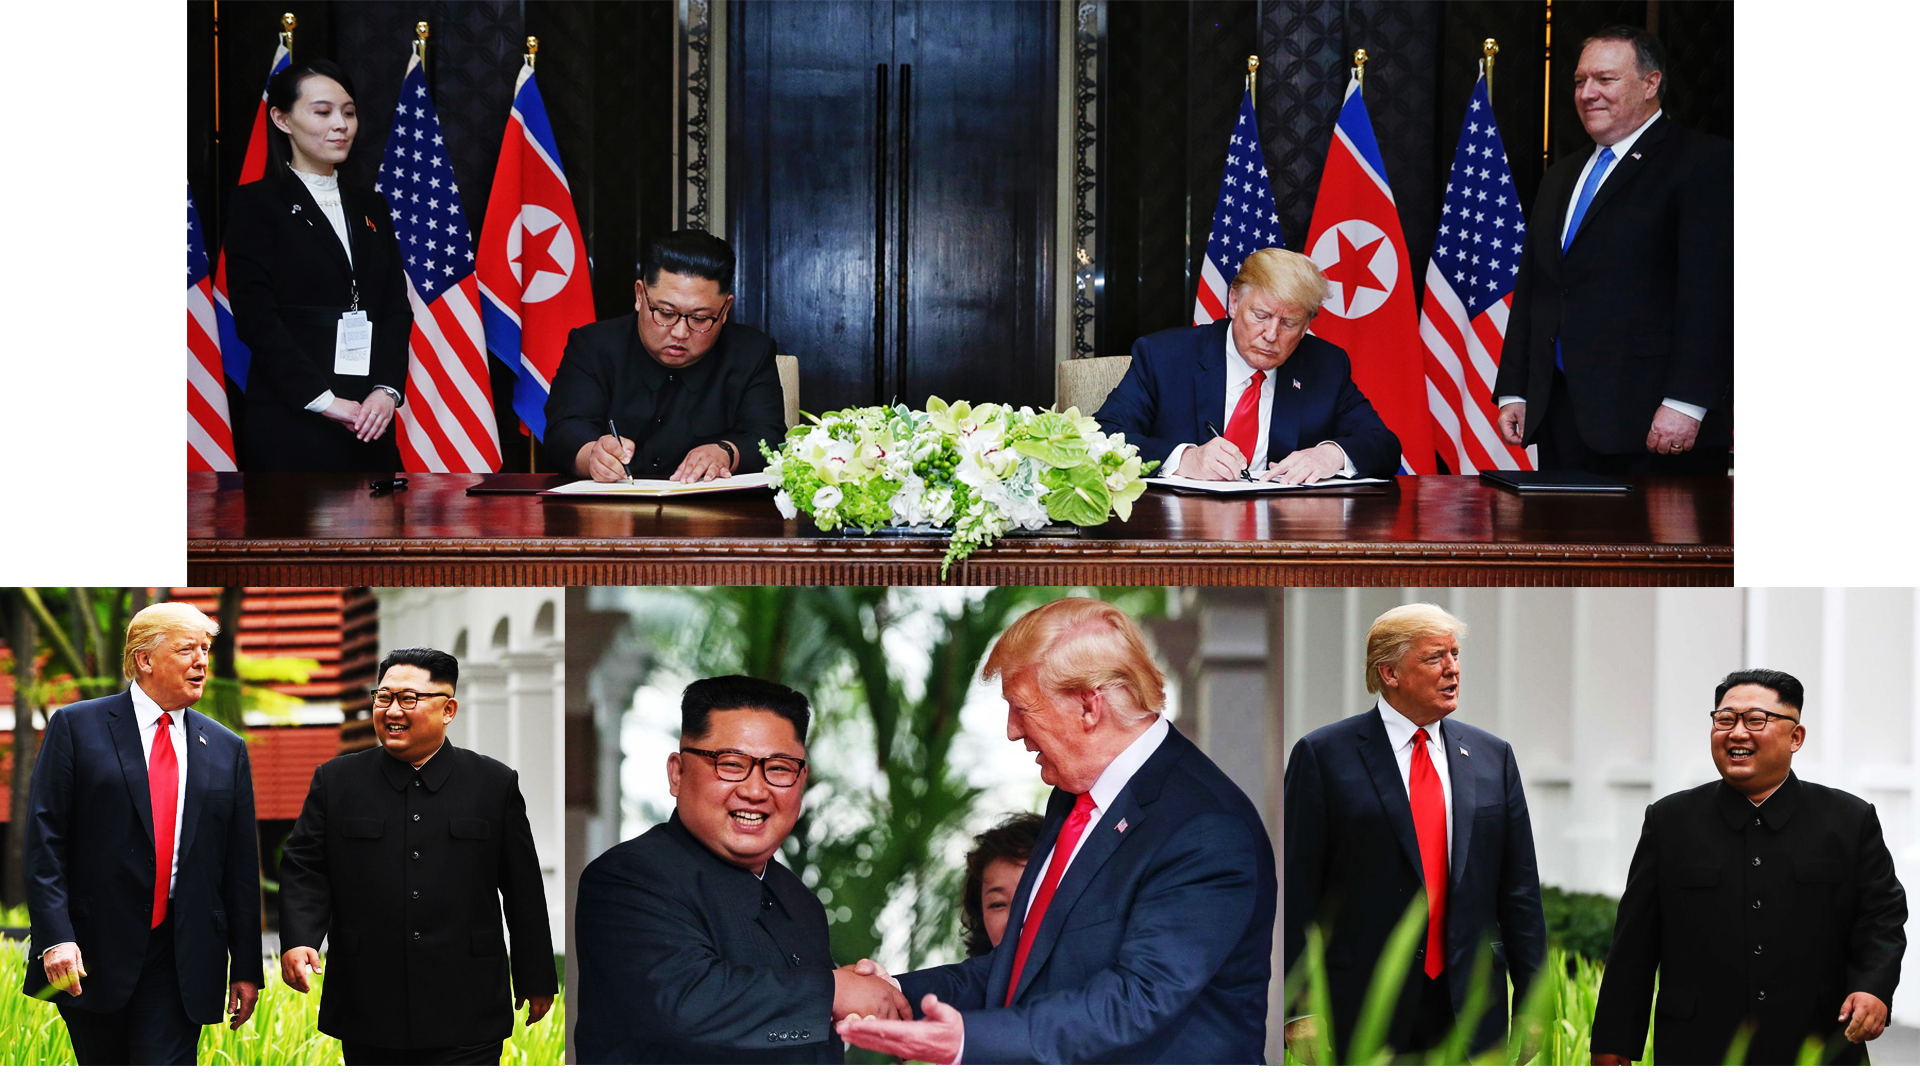 Thượng đỉnh Trump-Kim: Các bên muốn kết thúc chiến tranh - ảnh 3